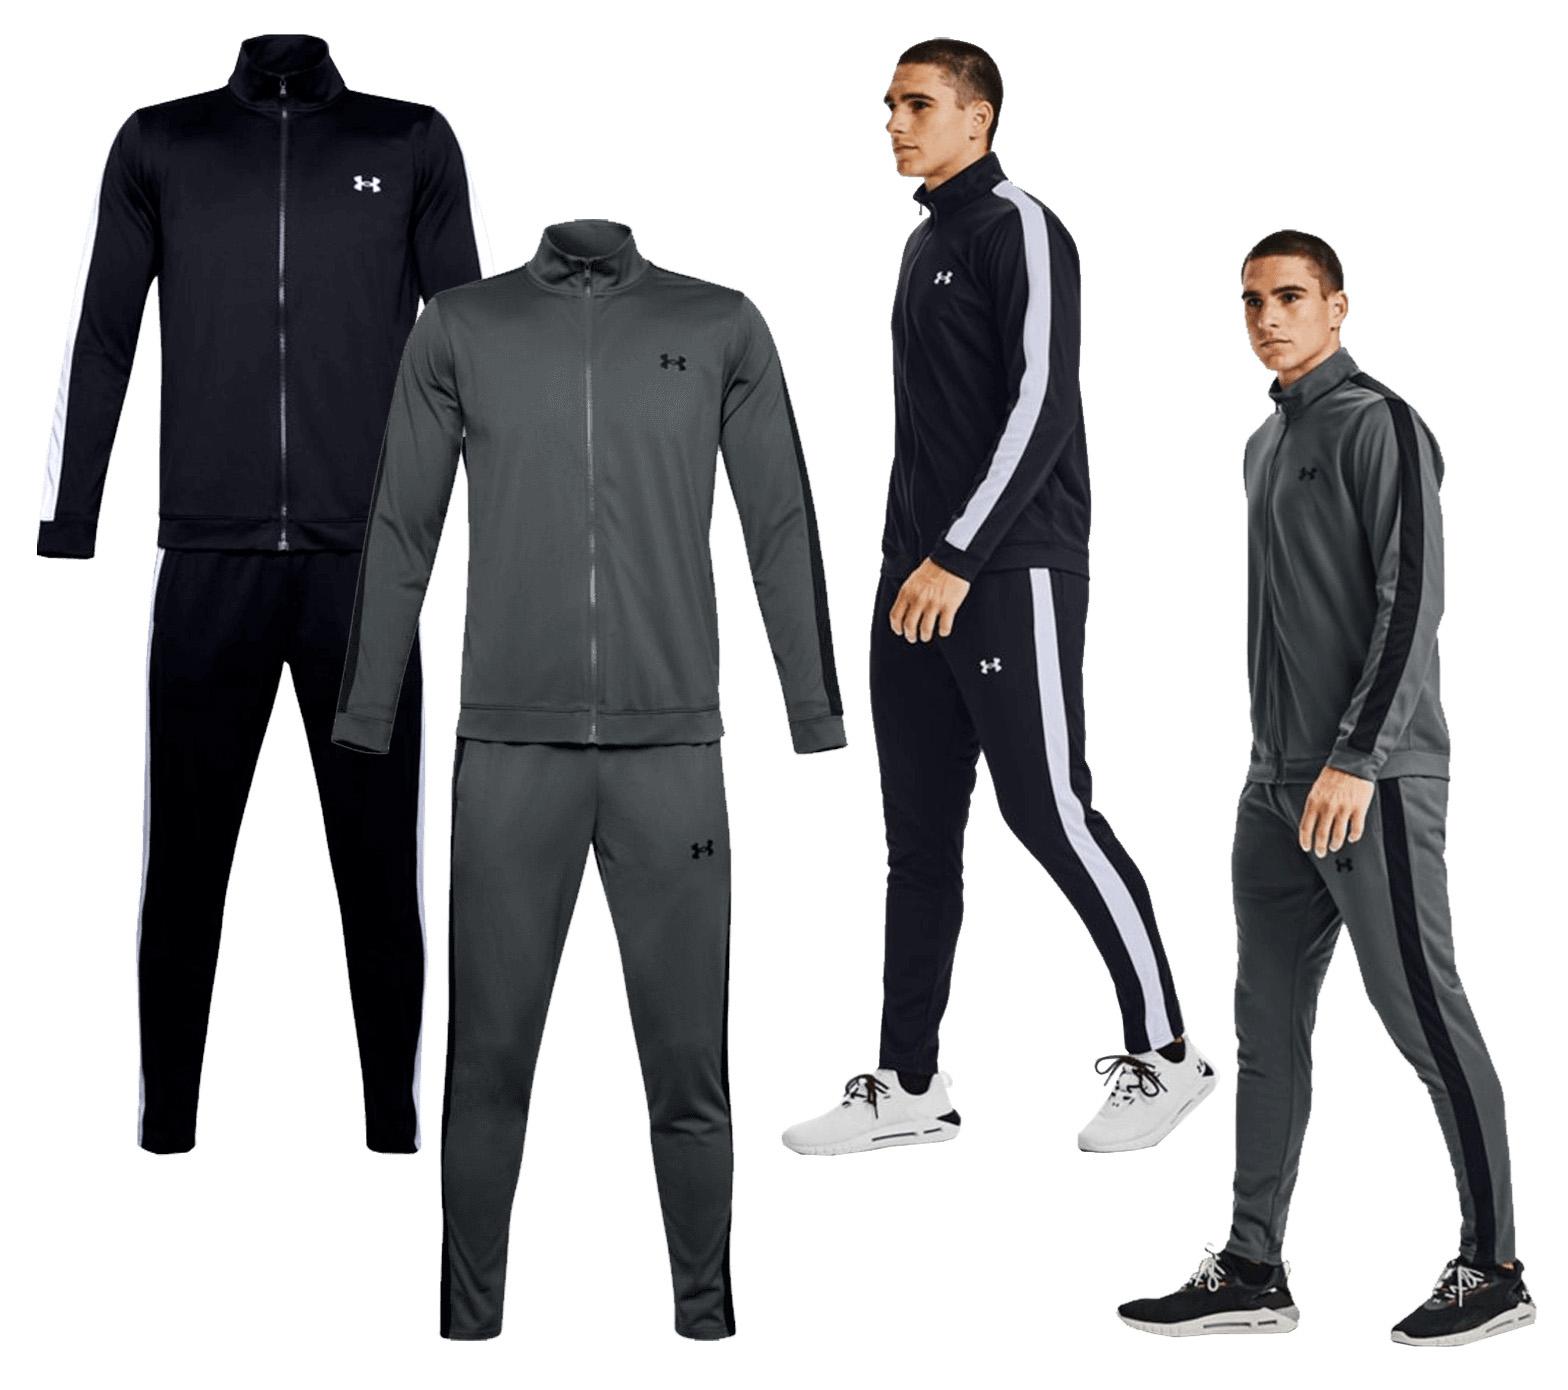 Under Armour Trainingsanzug EMEA Track Suit // dunkelgrau/schwarz und schwarz/weiß